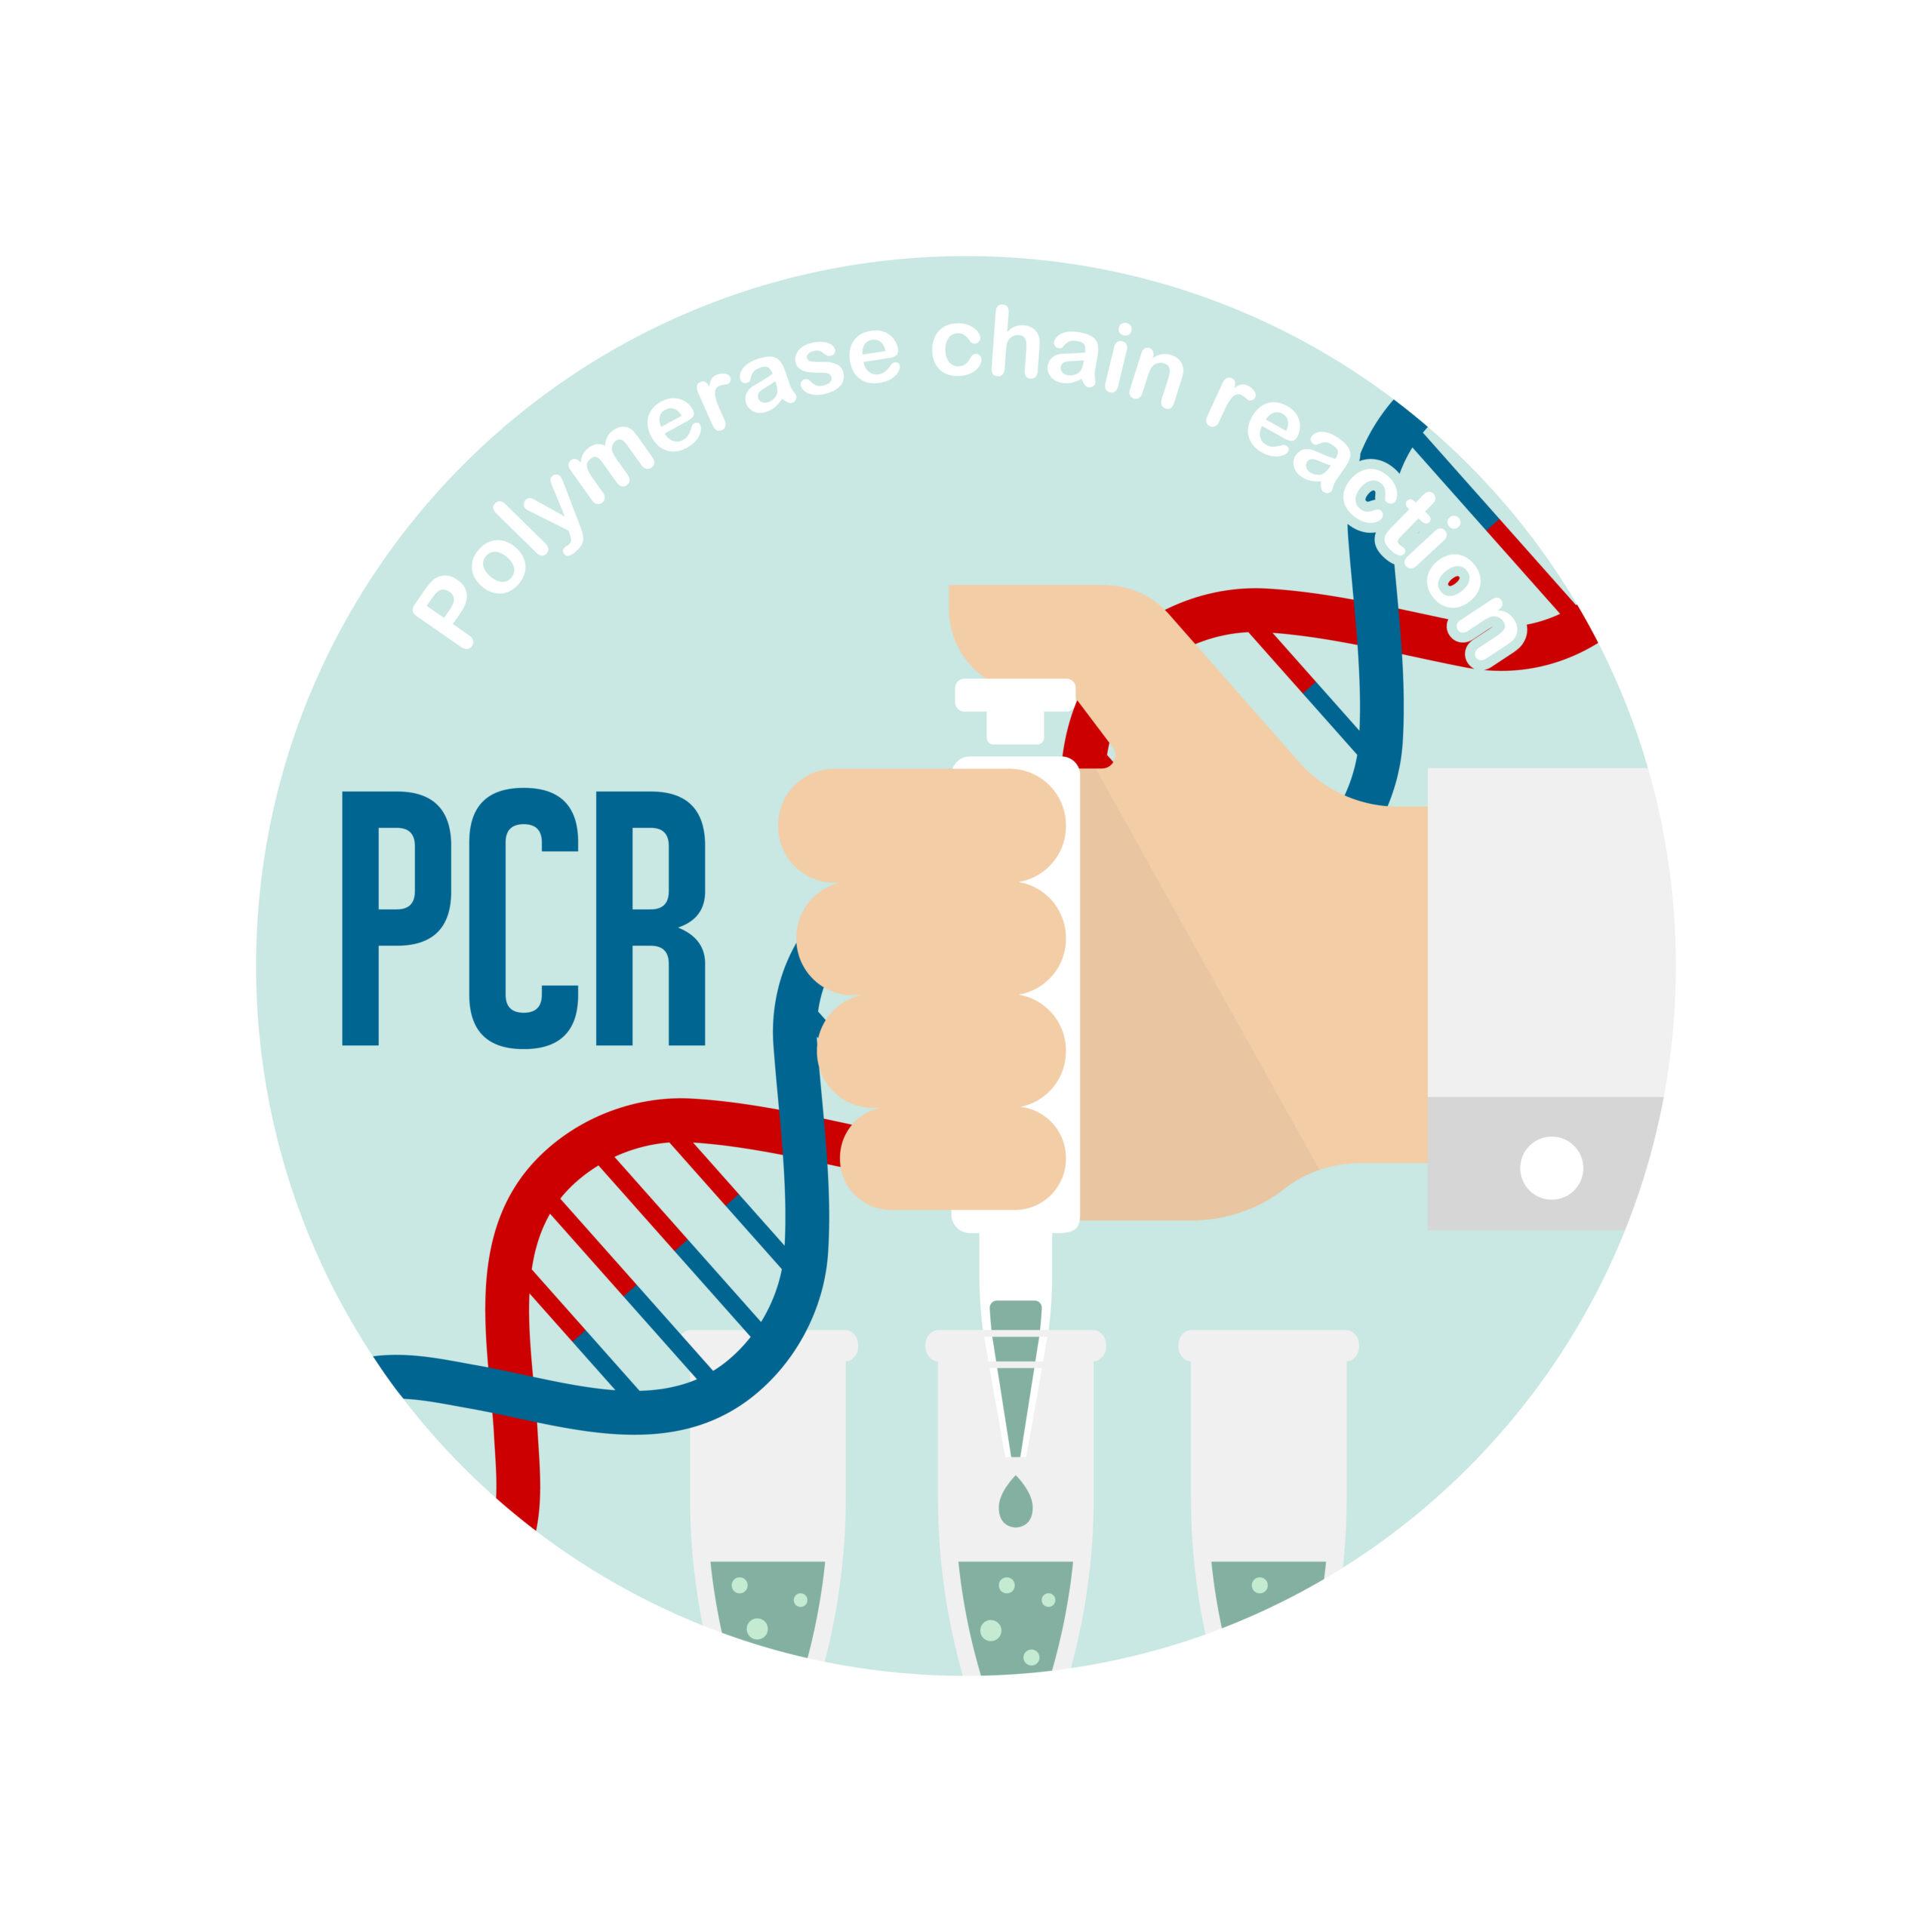 新サービス!「環境中の新型コロナウイルス定期PCR検査付き ステリクリアRR 抗ウイルス抗菌コーティングサービス」を開始